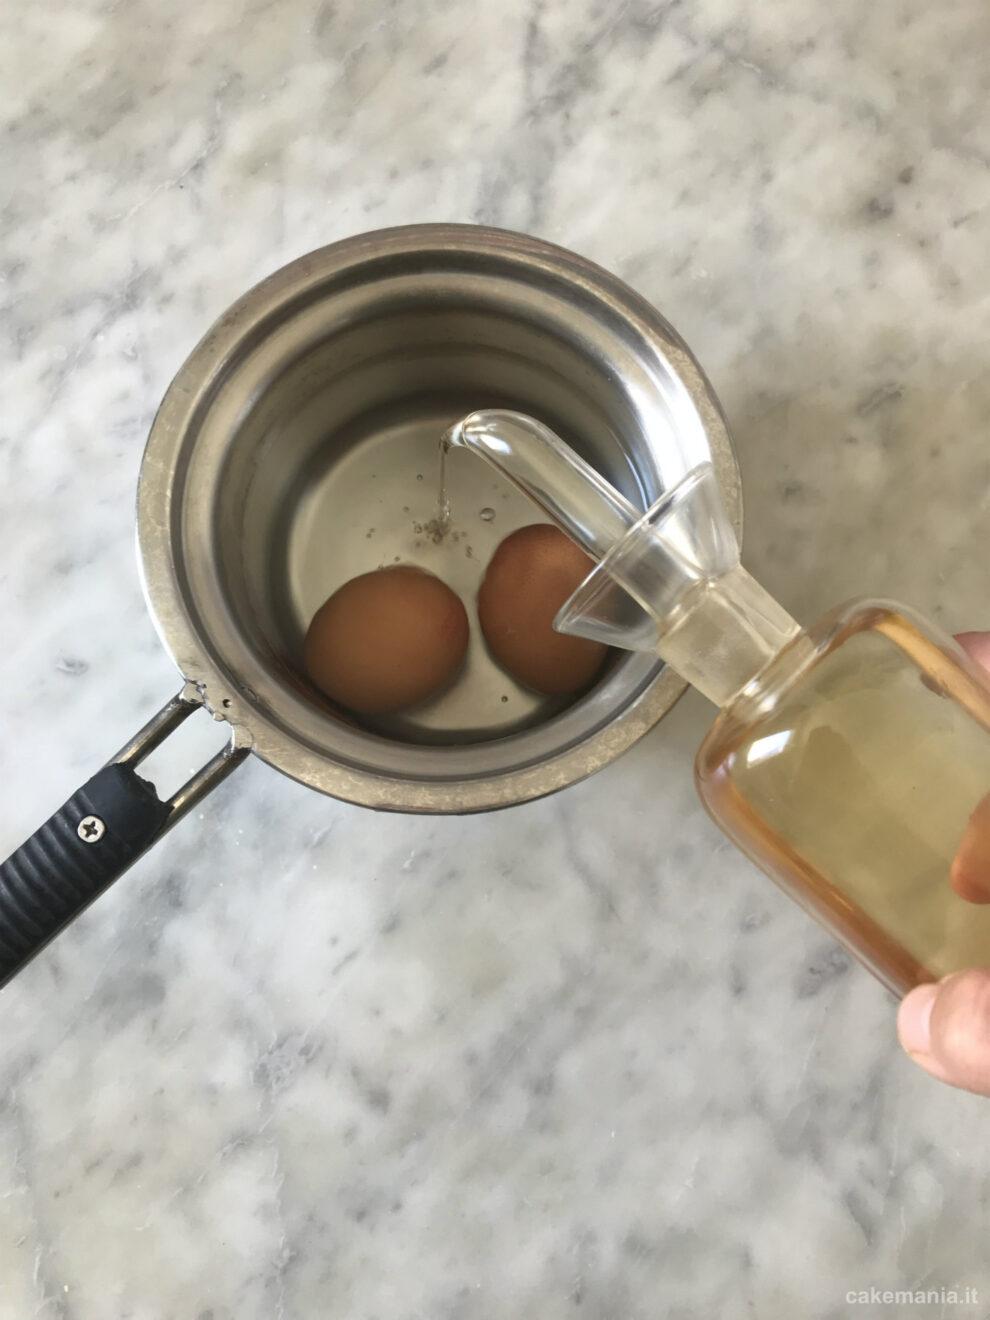 Come non far rompere le uova in cottura